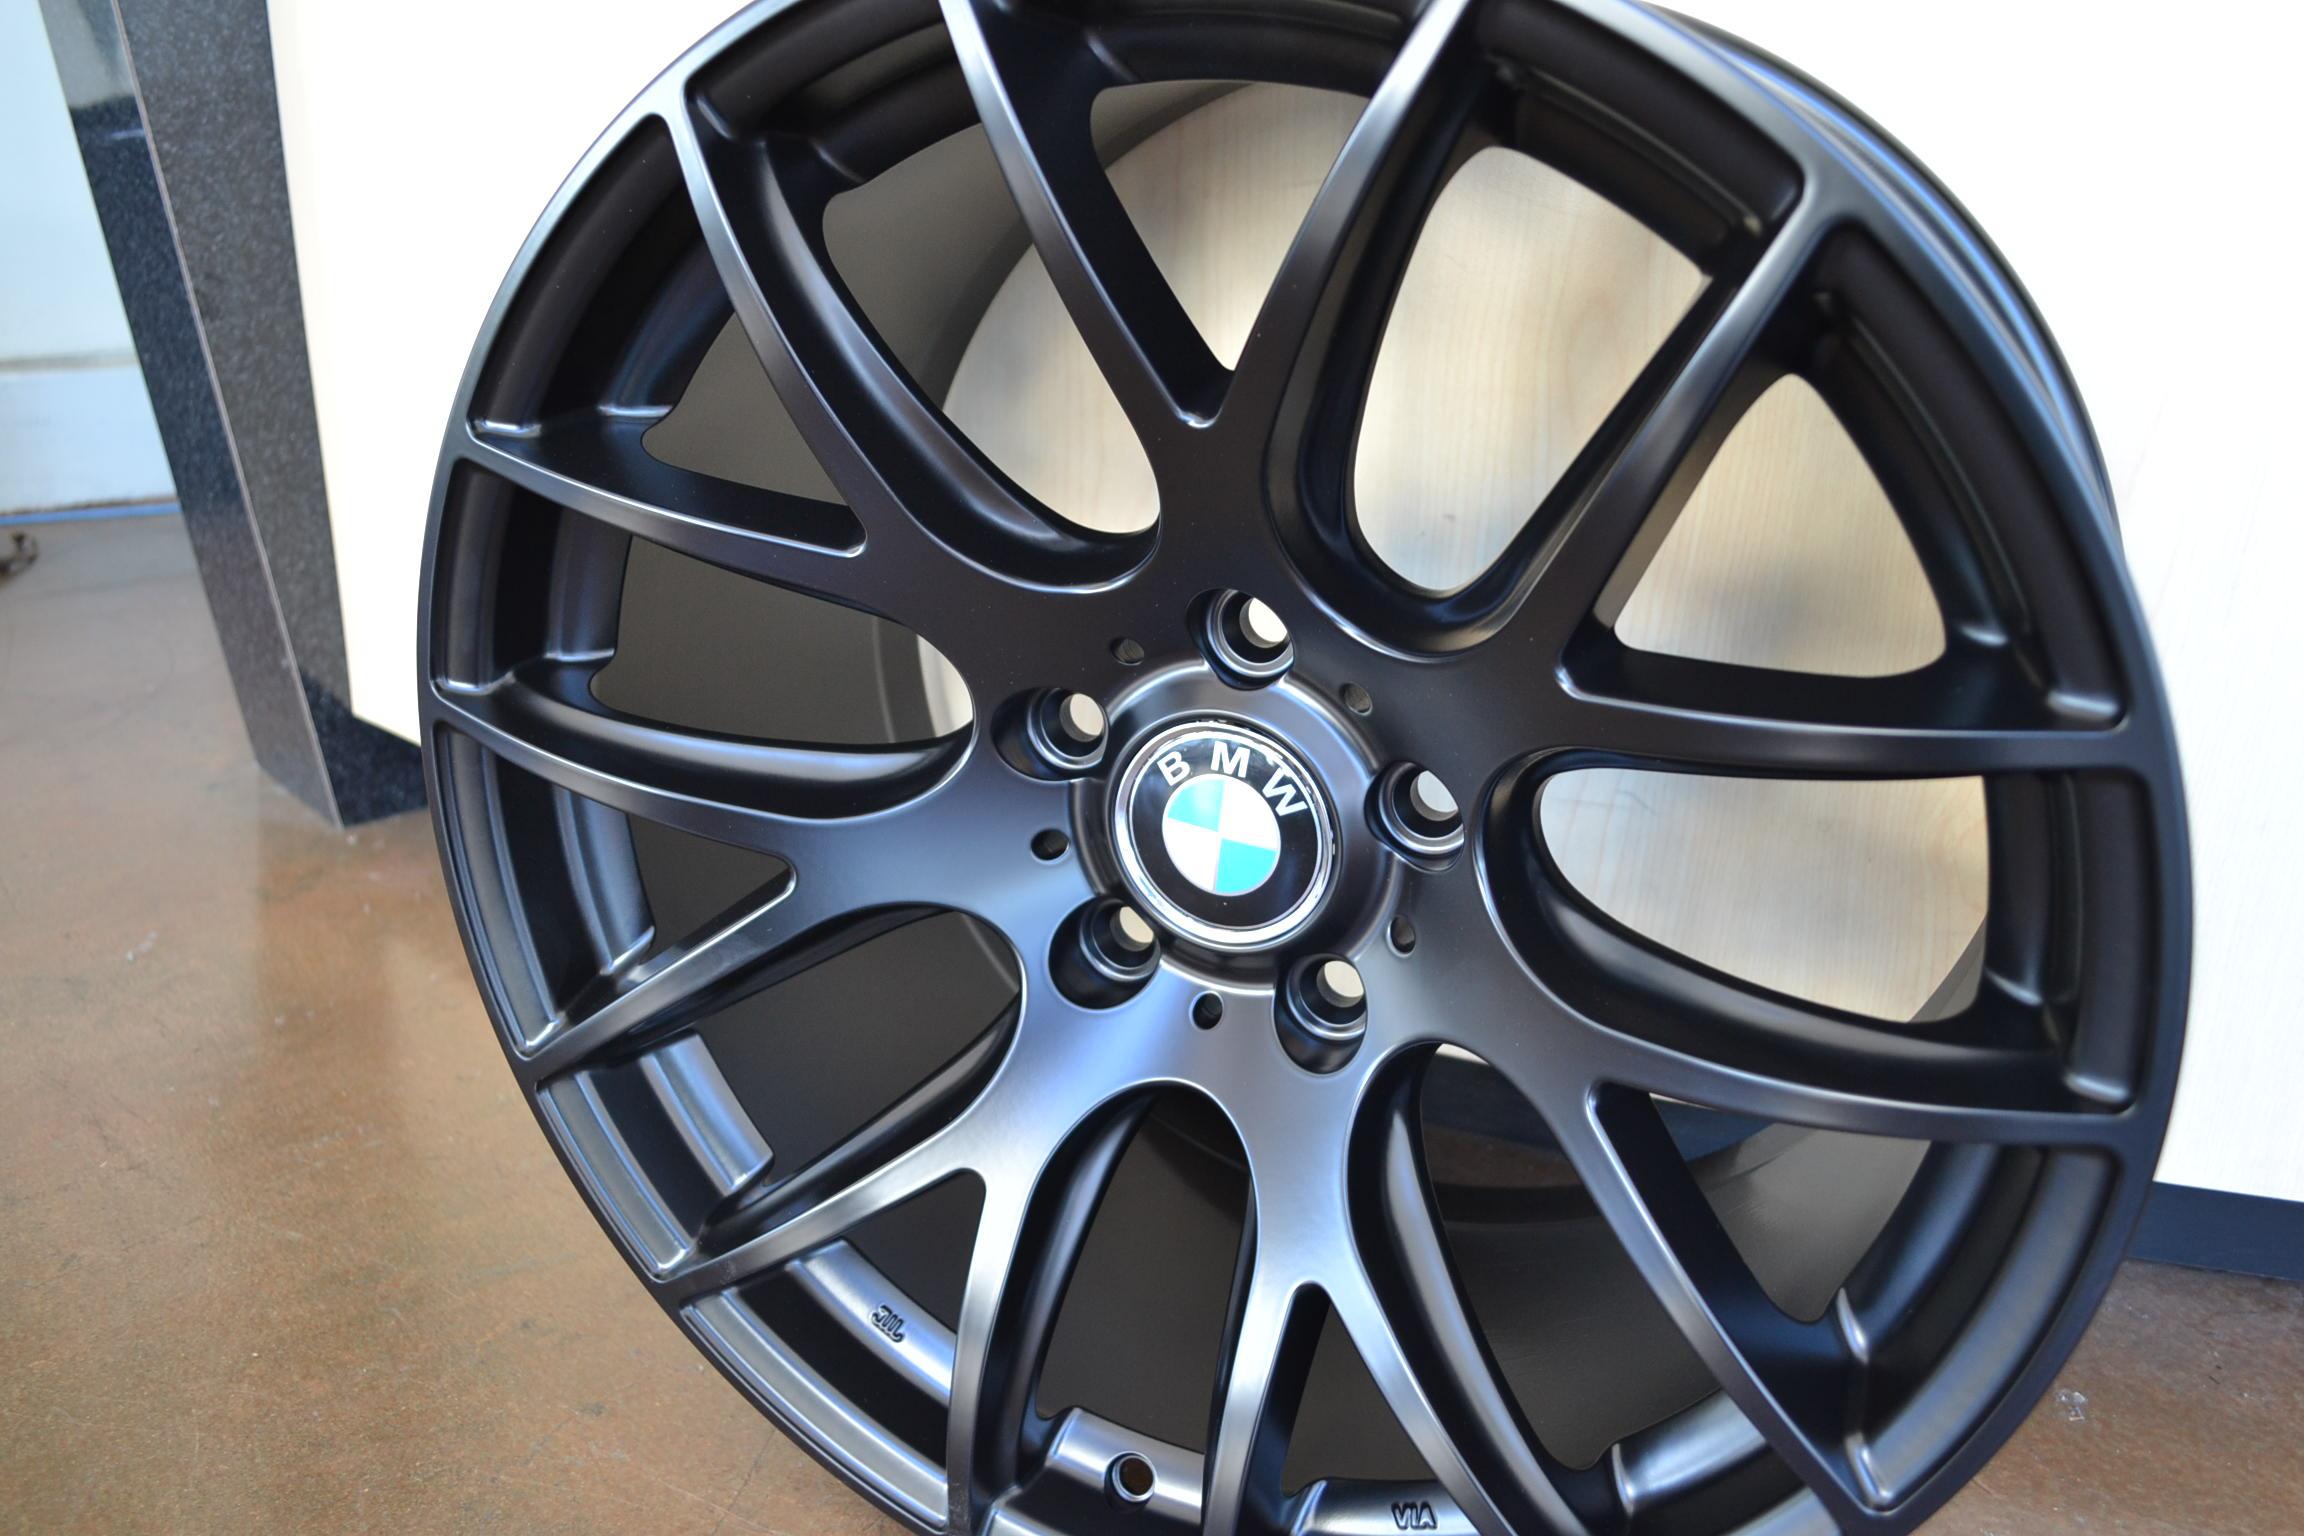 Bmw Wheels Rim 328i 328xi 330i 330ci 330xi X3 Matte Black